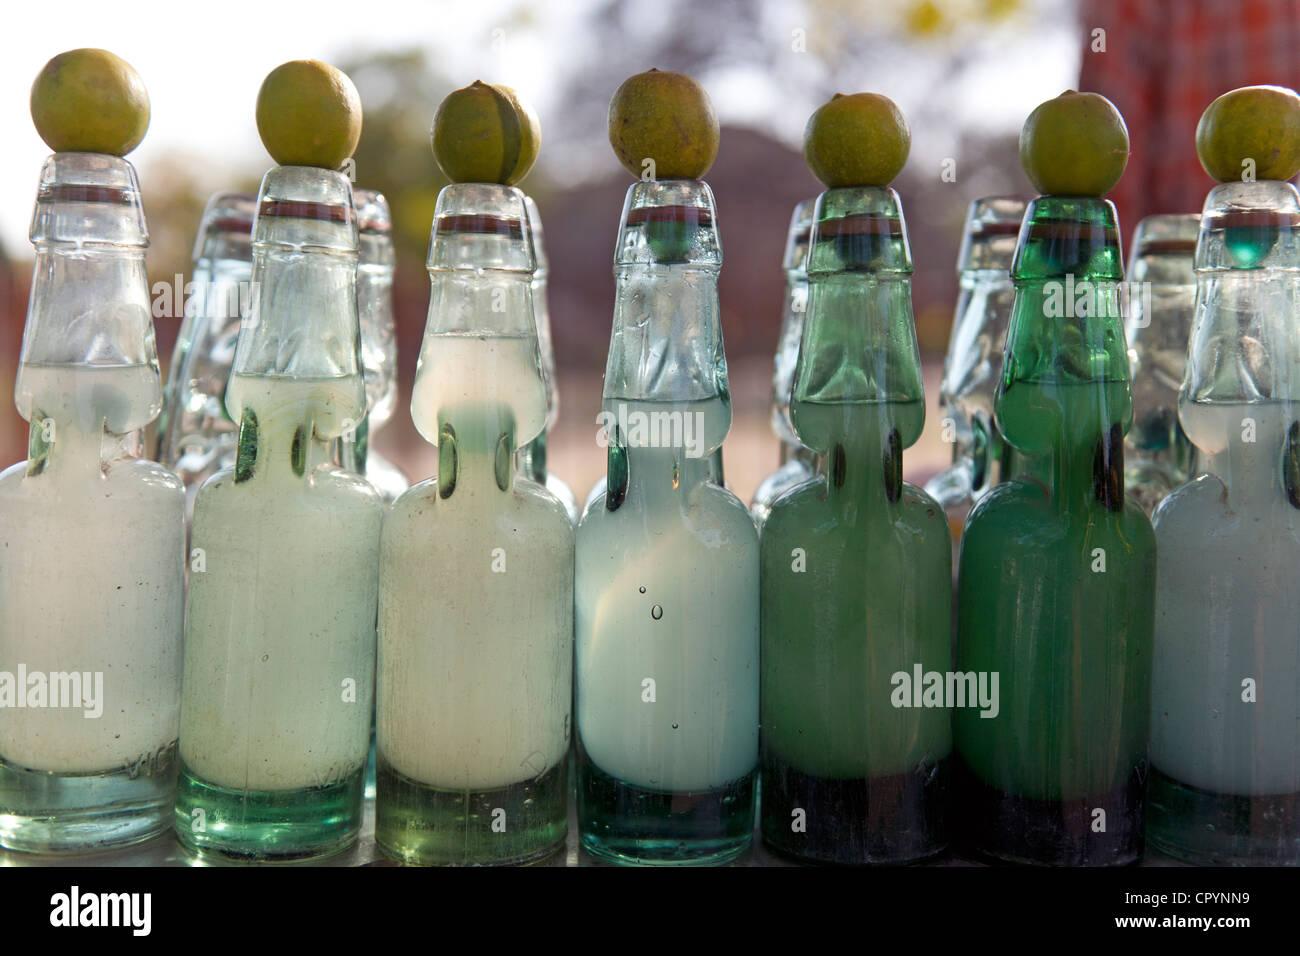 Limbu-Pani bibita al limone in una fase di stallo, Nuova Delhi, India, Asia Immagini Stock